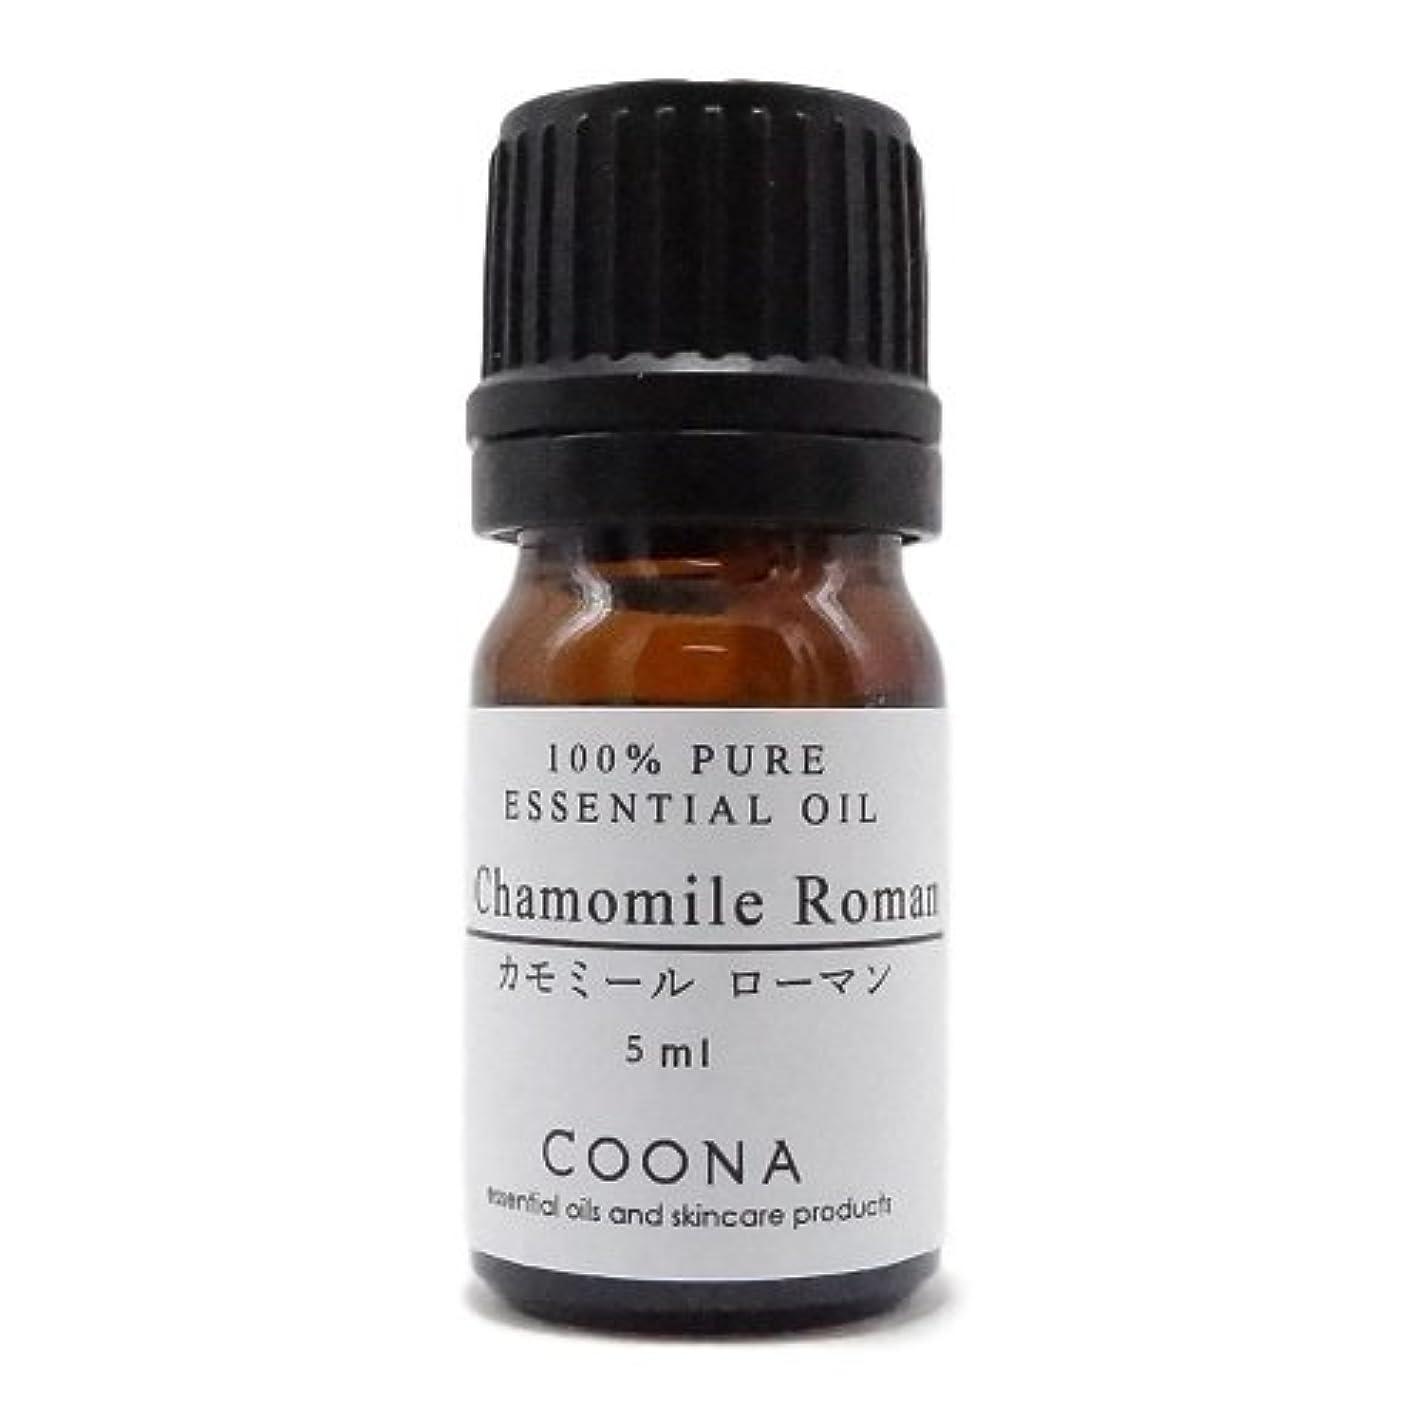 不規則性豊かにする滑りやすいカモミール ローマン 5 ml (COONA エッセンシャルオイル アロマオイル 100%天然植物精油)